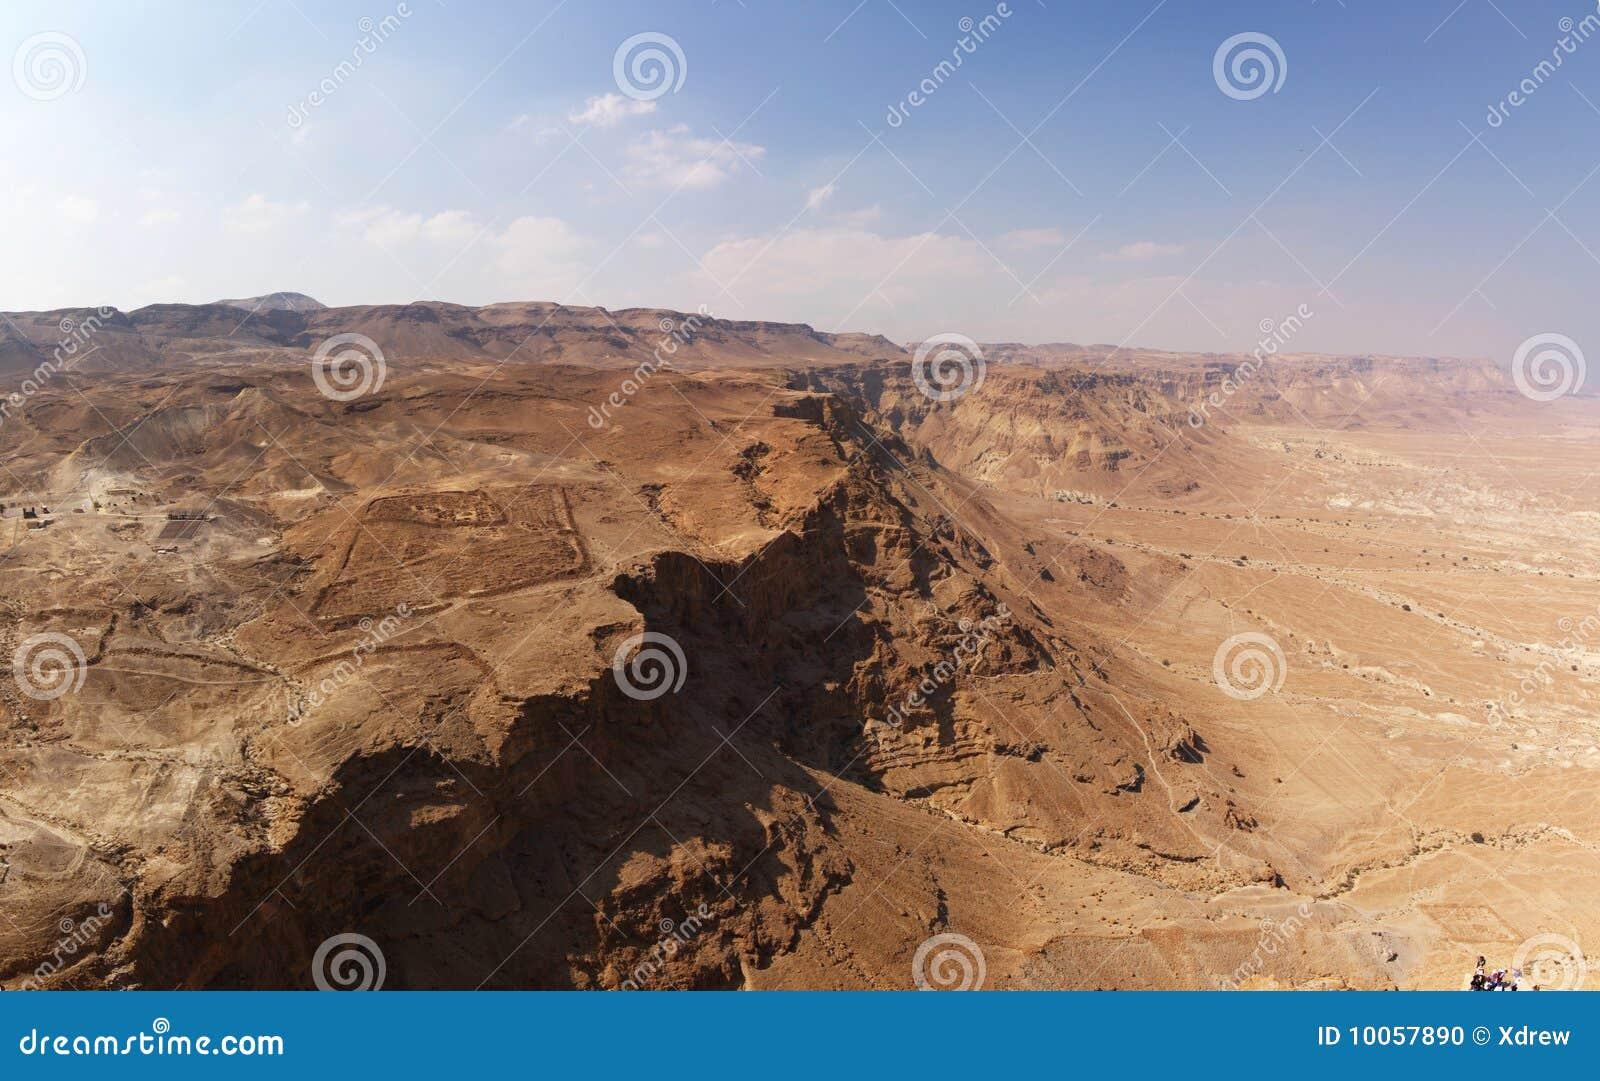 Garganta no deserto de Judea, Israel